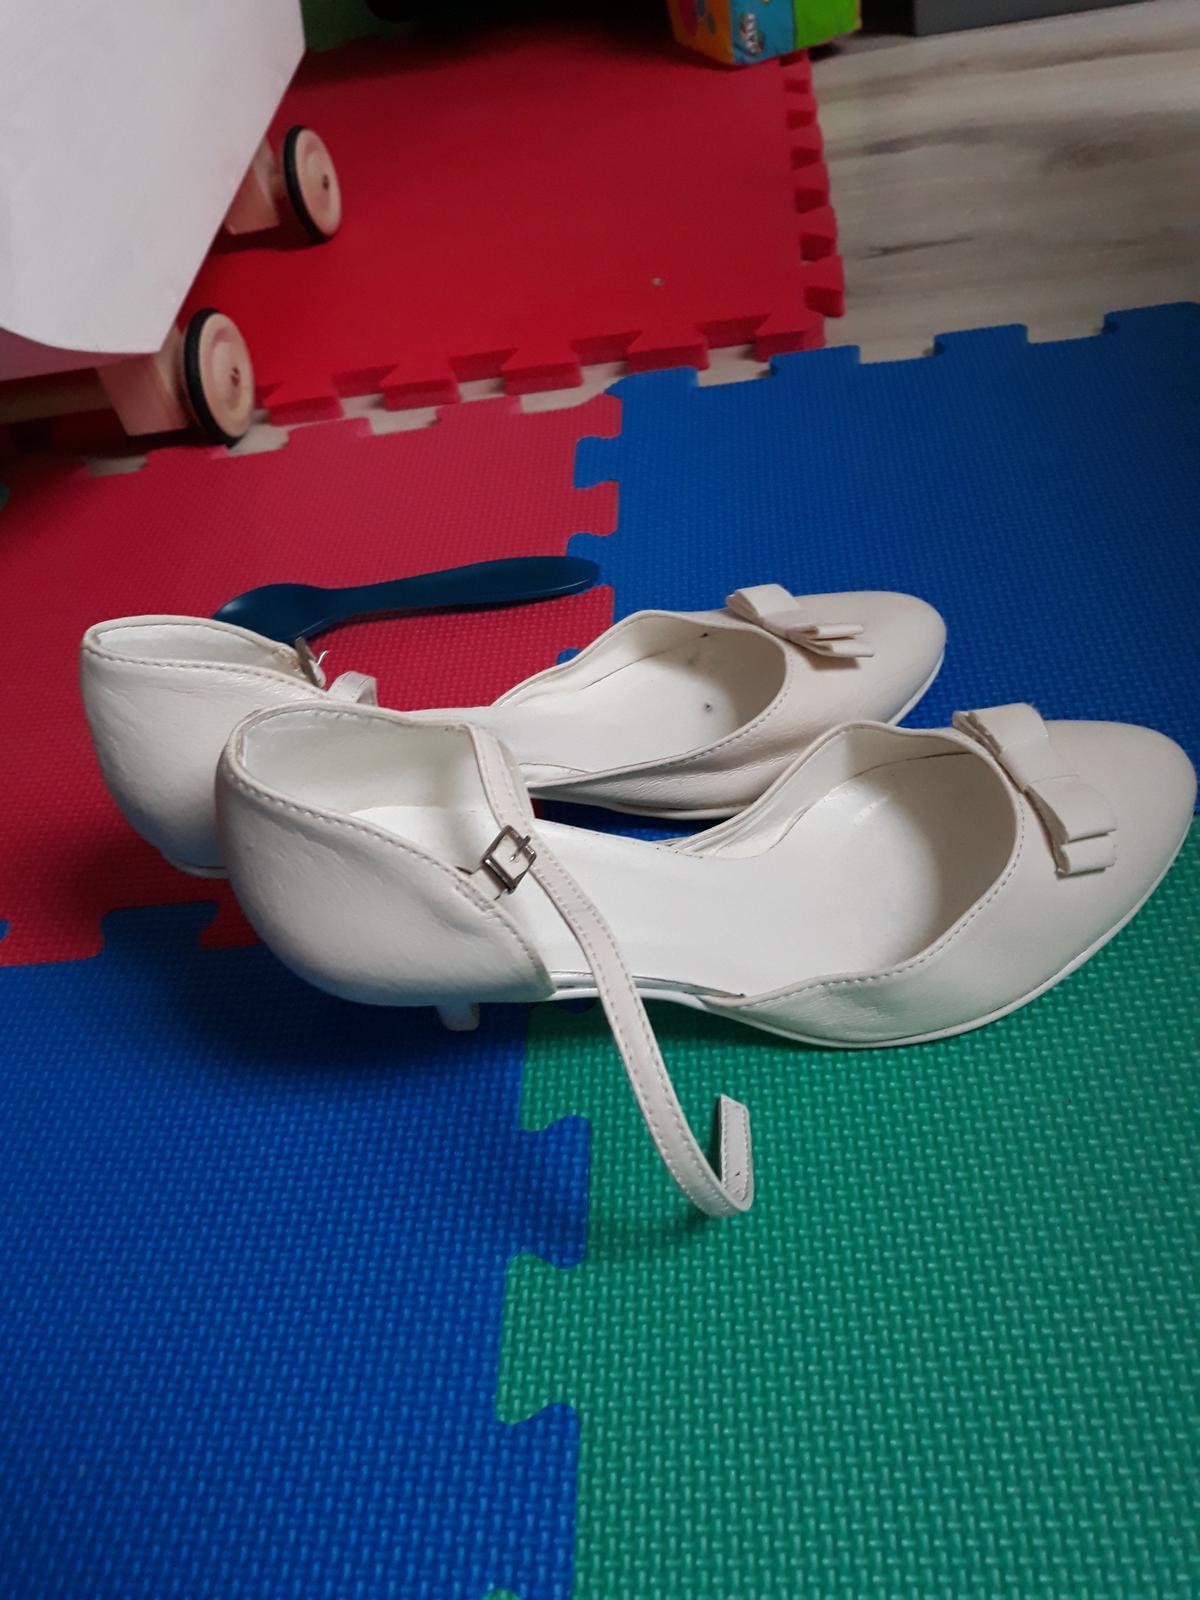 Svadobne topánky  - Obrázok č. 3